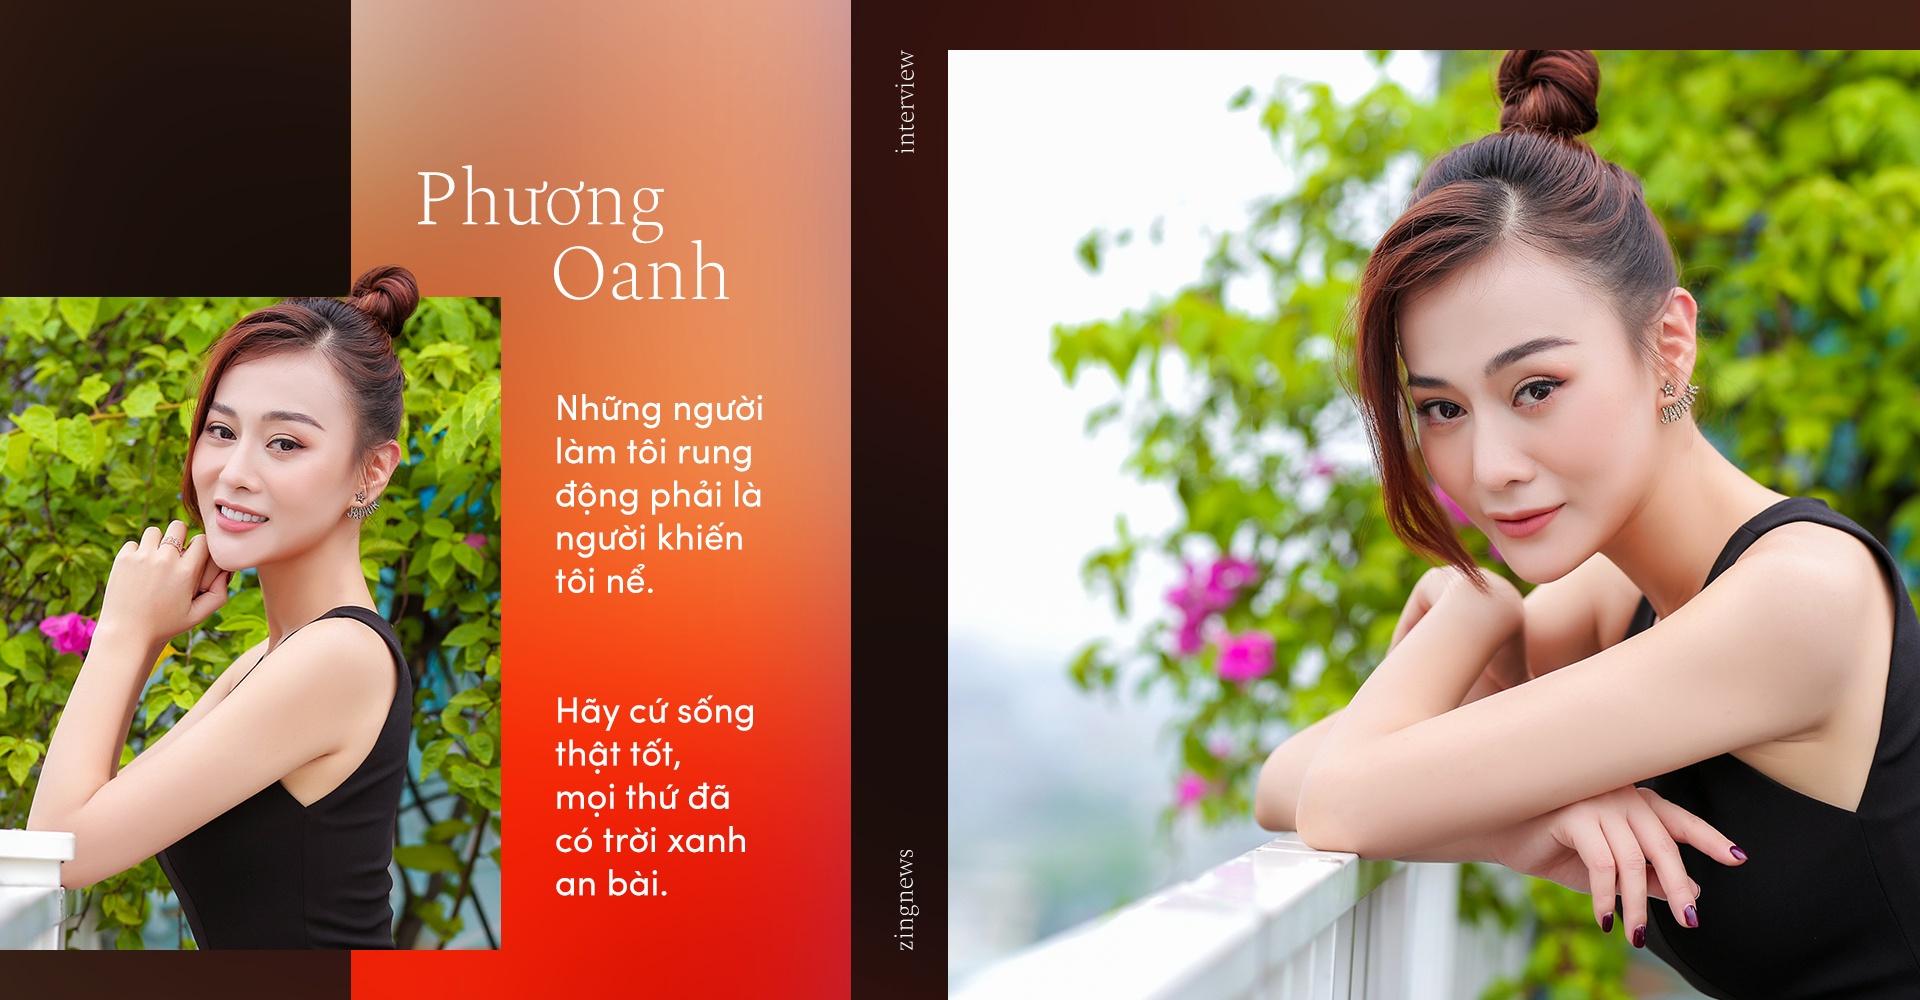 'Quỳnh búp bê' Phương Oanh: Tôi đã kiệt sức và sẽ tạm dừng đóng phim